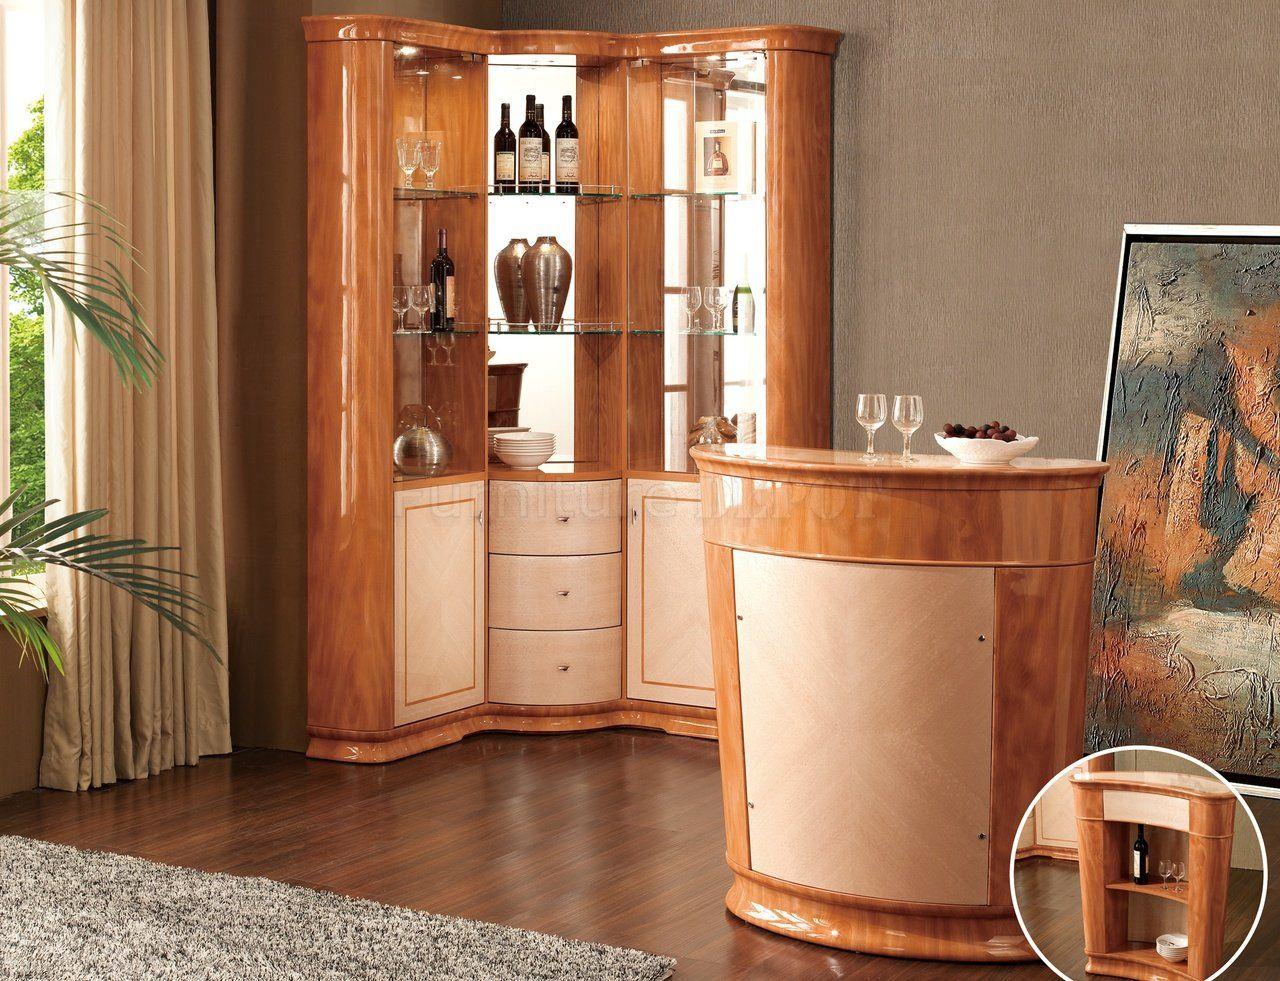 1000 images about corner bar on pinterest corner bar home bars and basement bars bar corner furniture